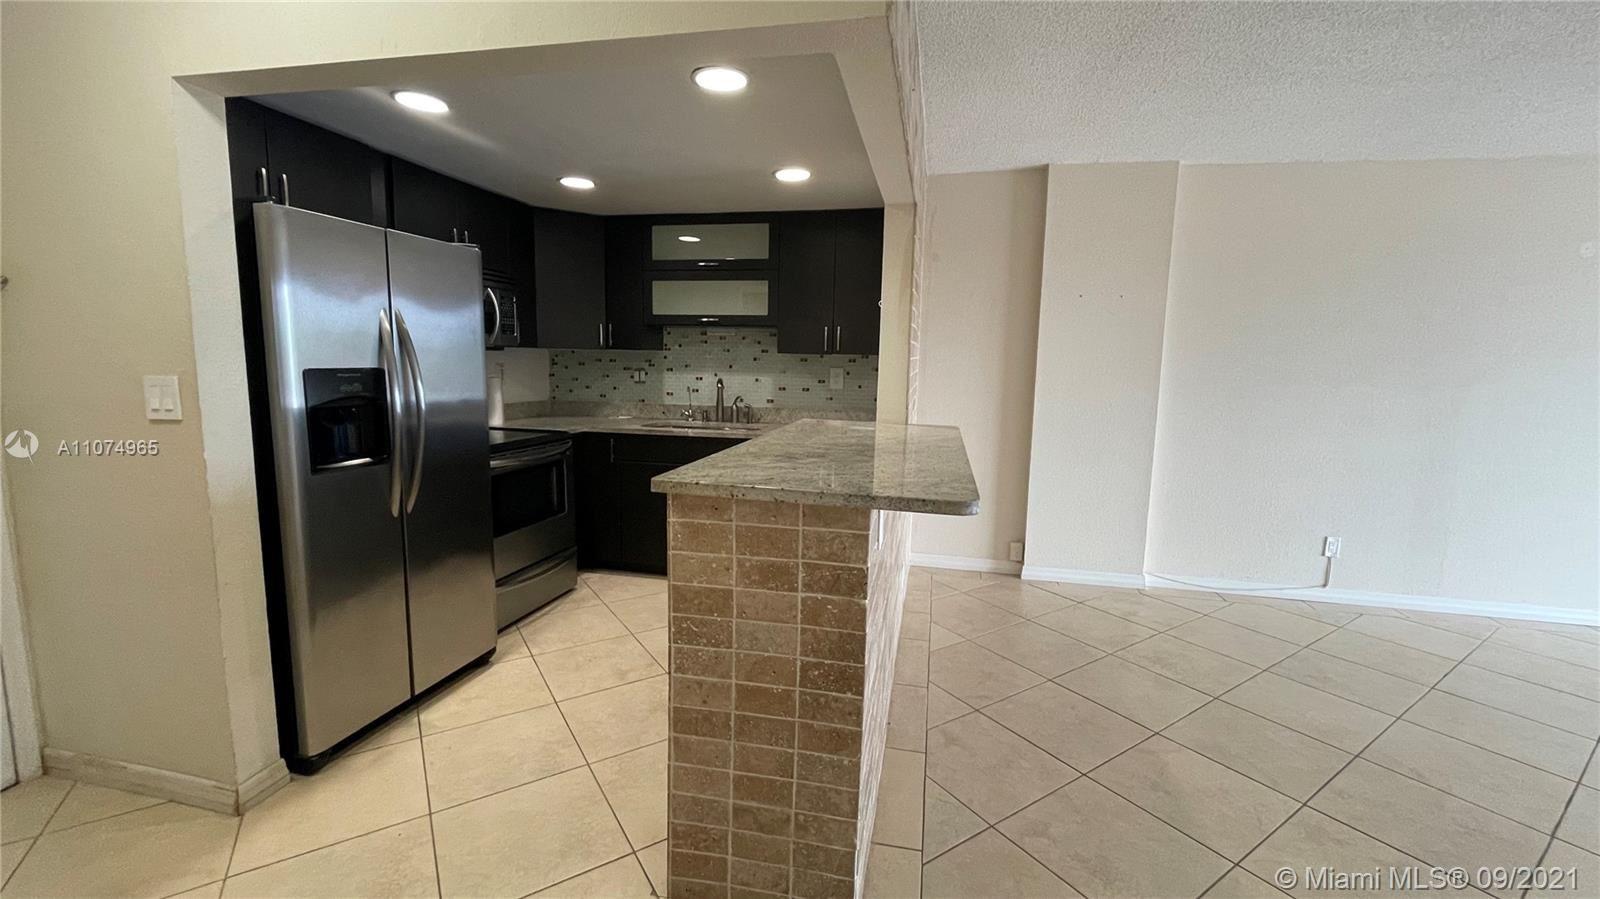 Photo of 1465 NE 123rd St #414, North Miami, FL 33161 (MLS # A11074965)